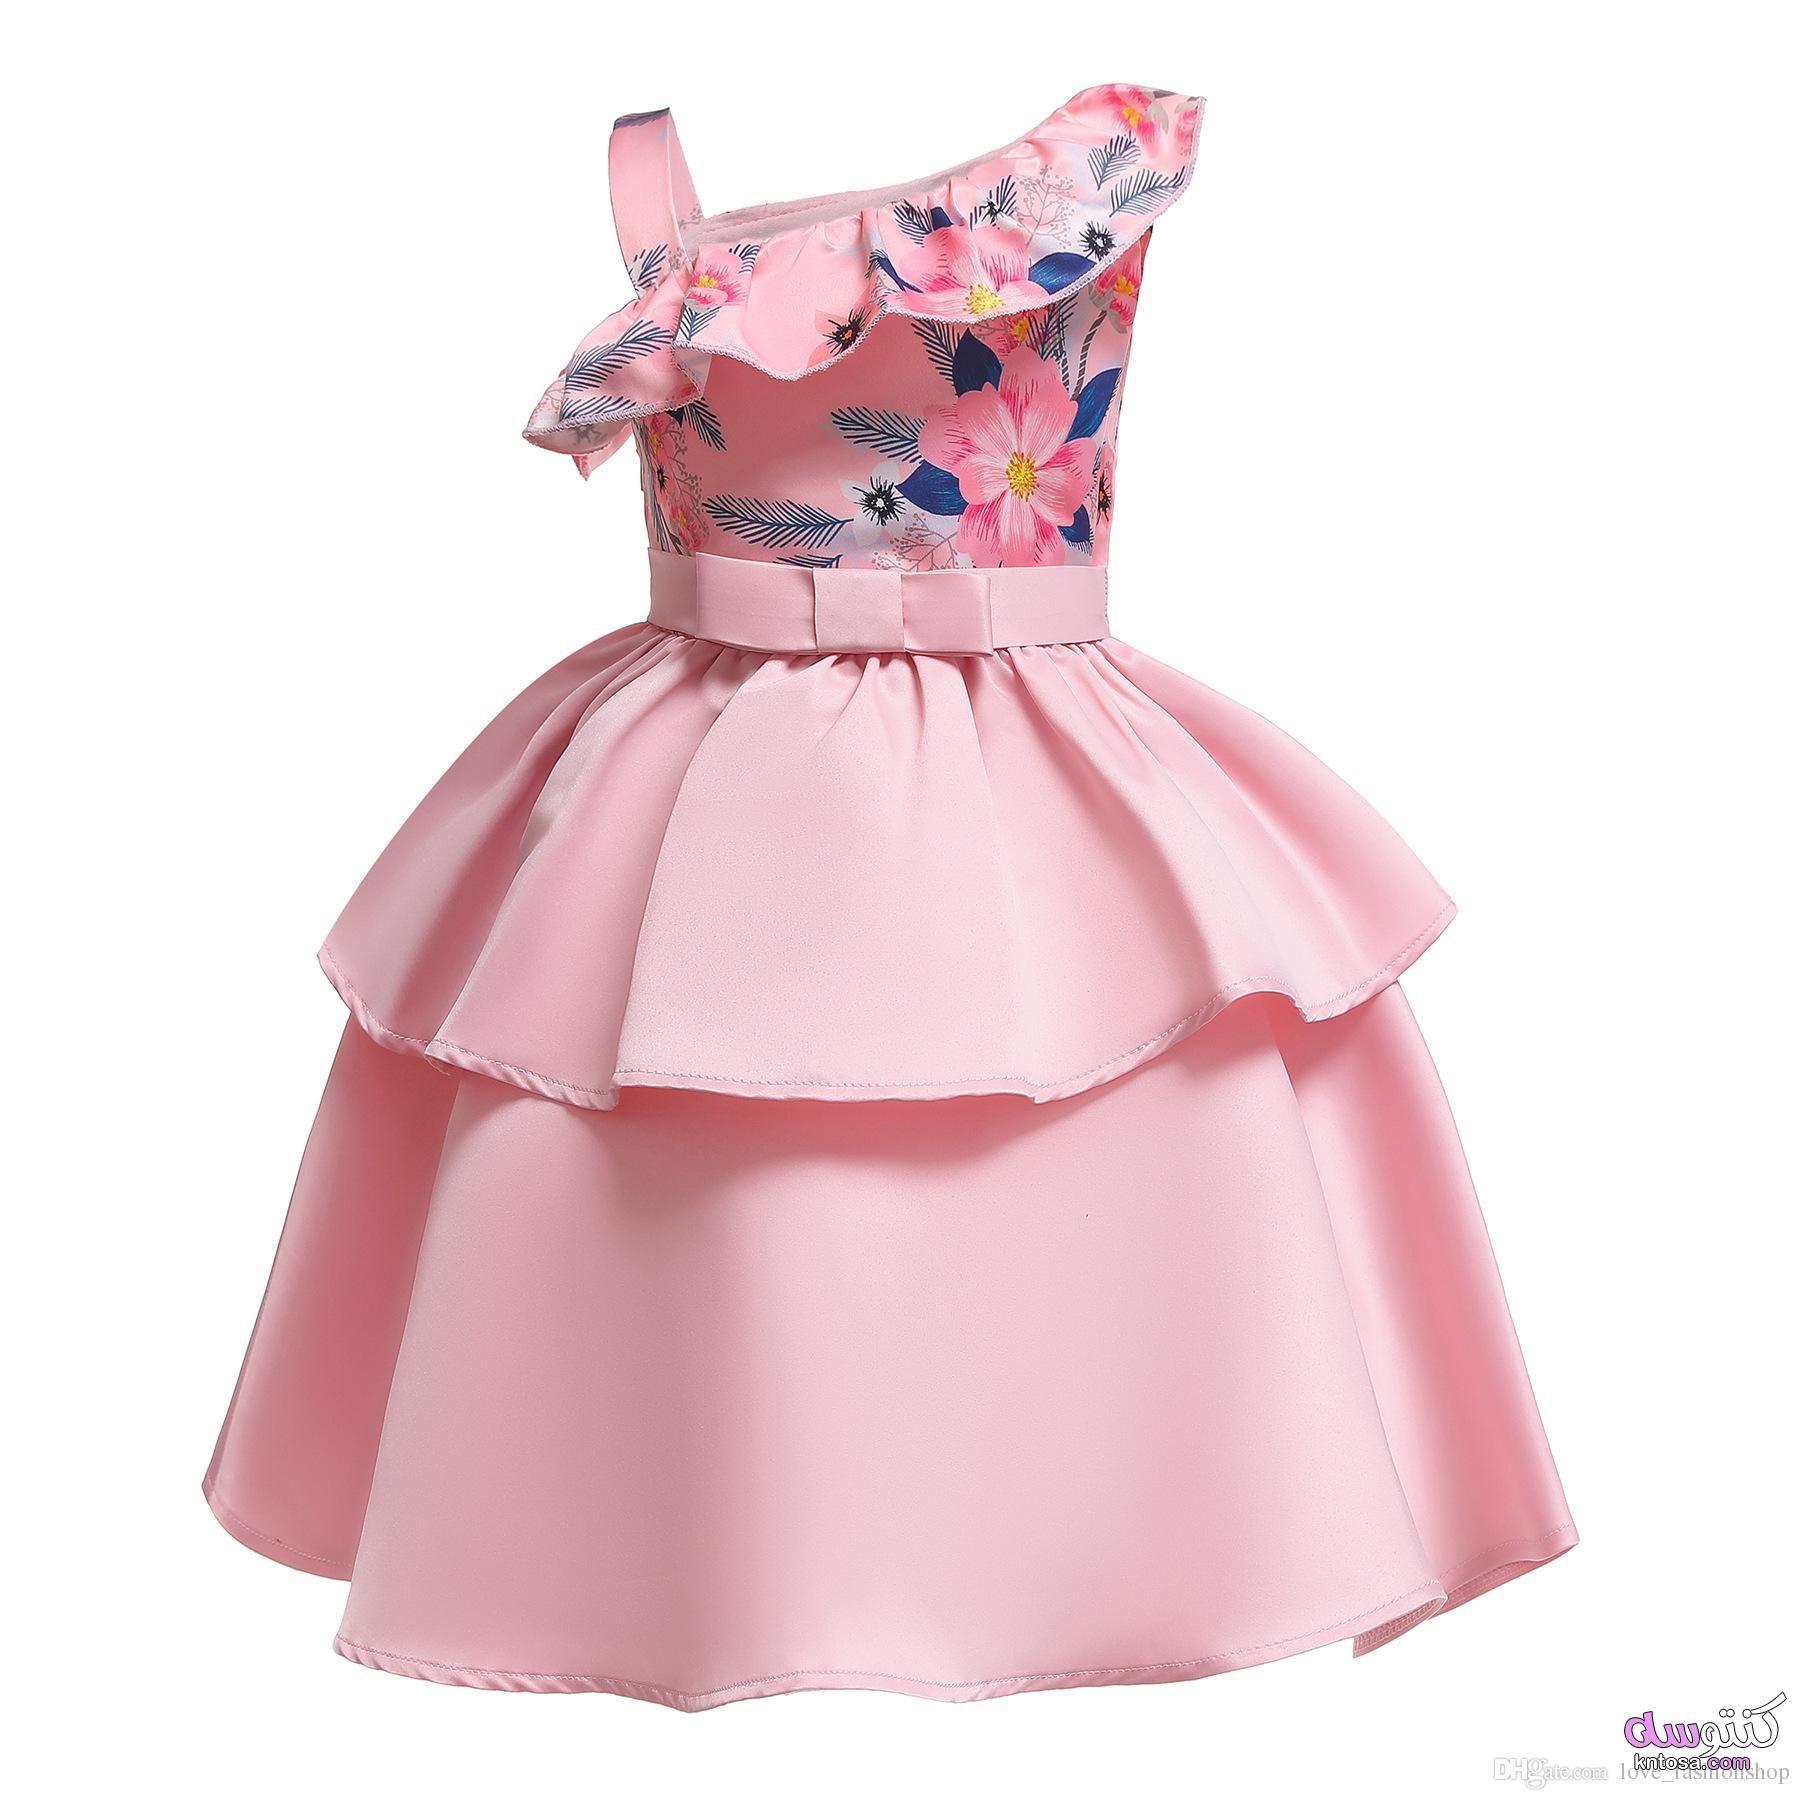 فستان بناتي صيفي فساتين بناتي شيك اجدد فساتين للاطفال فساتين اطفال 2020 African Dresses For Kids Girls Formal Dresses Kids Summer Dresses